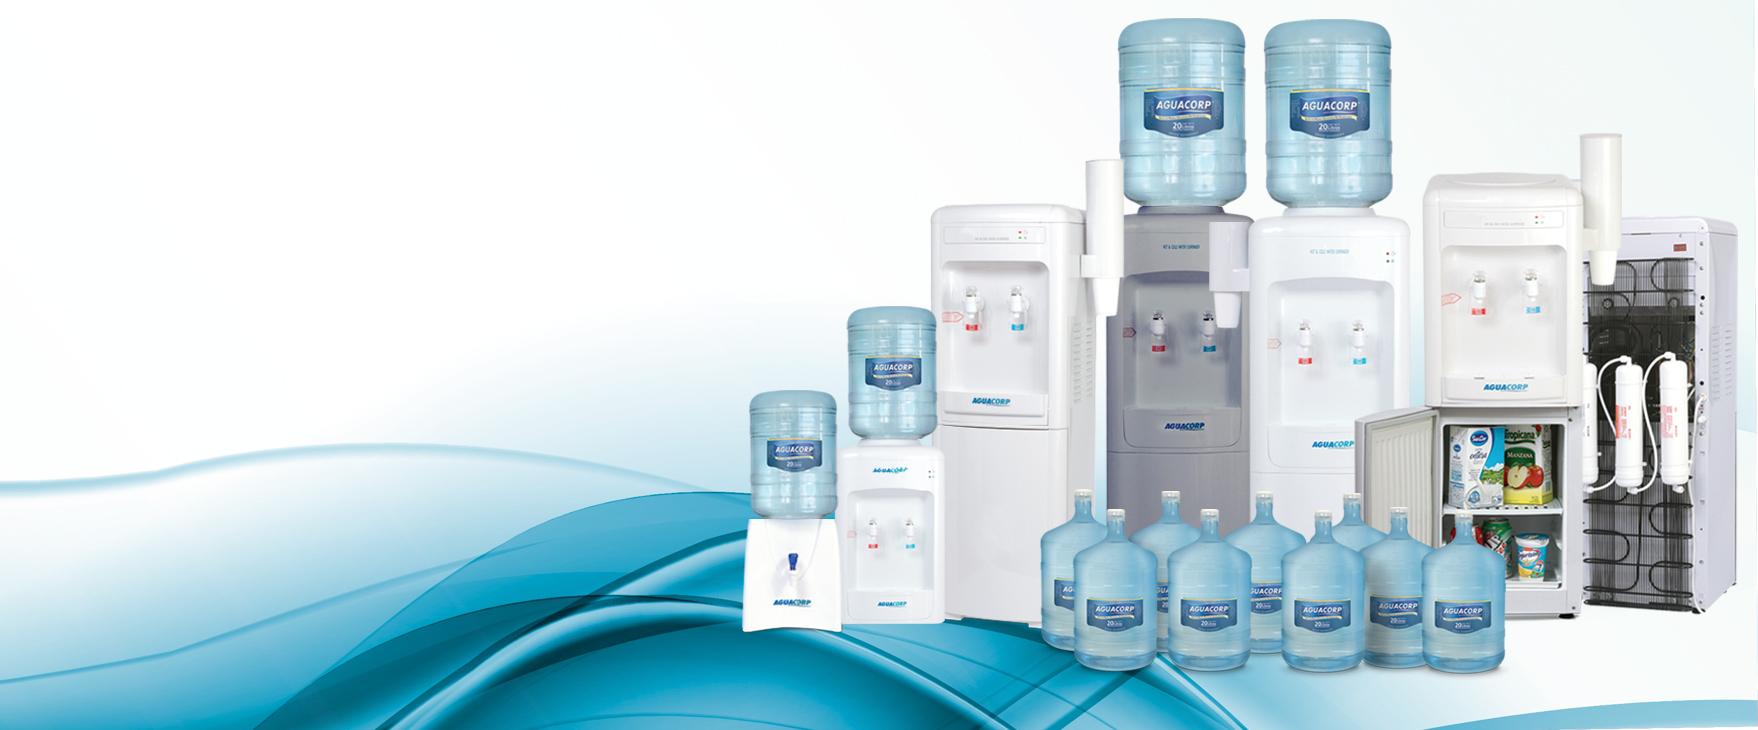 Dispenser de agua fría y caliente